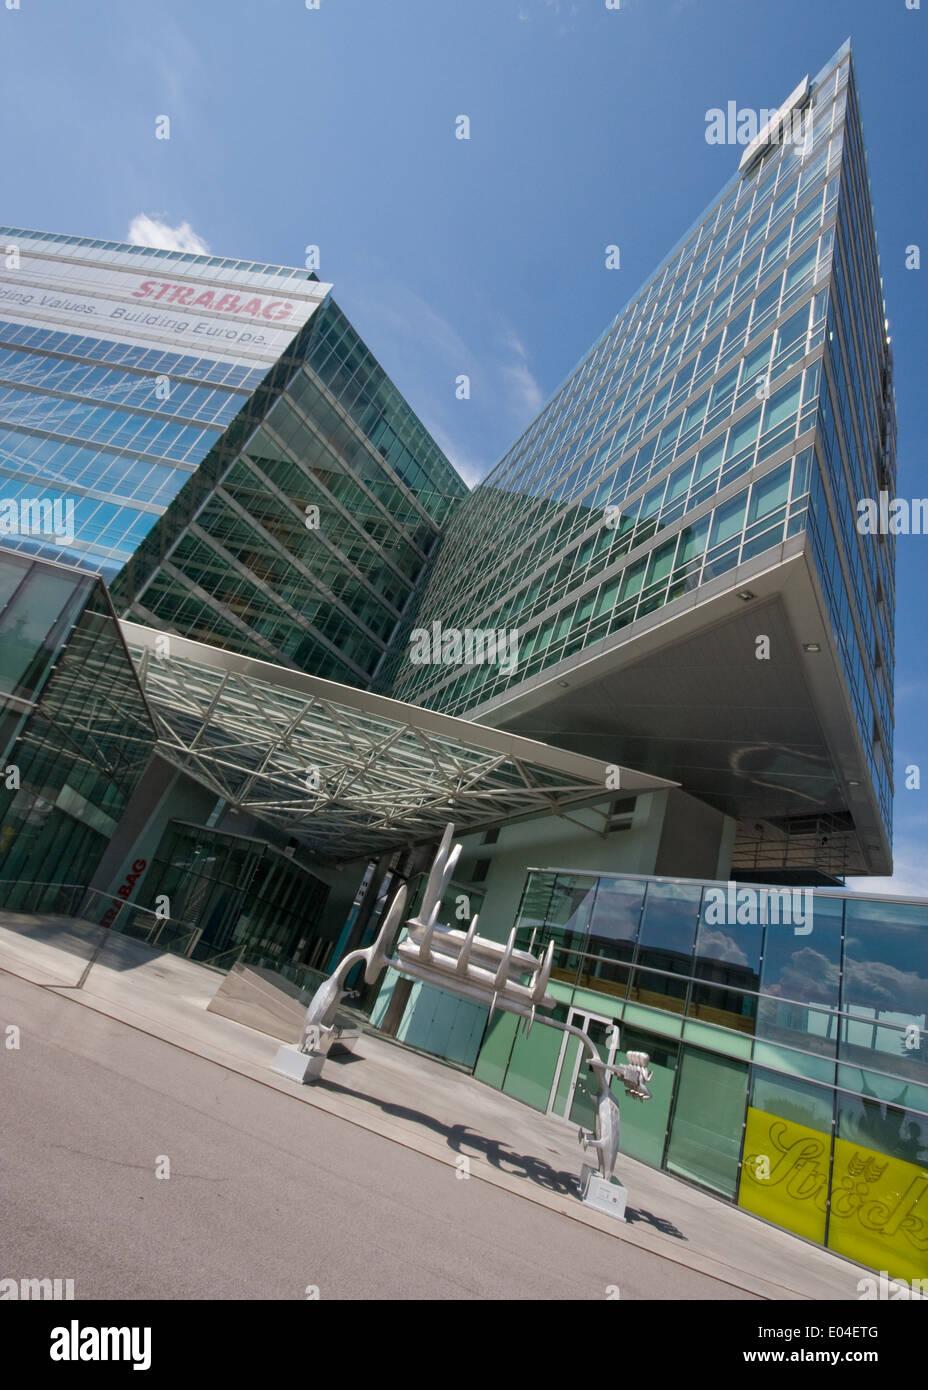 Strabag Headquarters, Vienna, Austria, Zentrale, Donaucity, Wien, Österreich - Stock Image